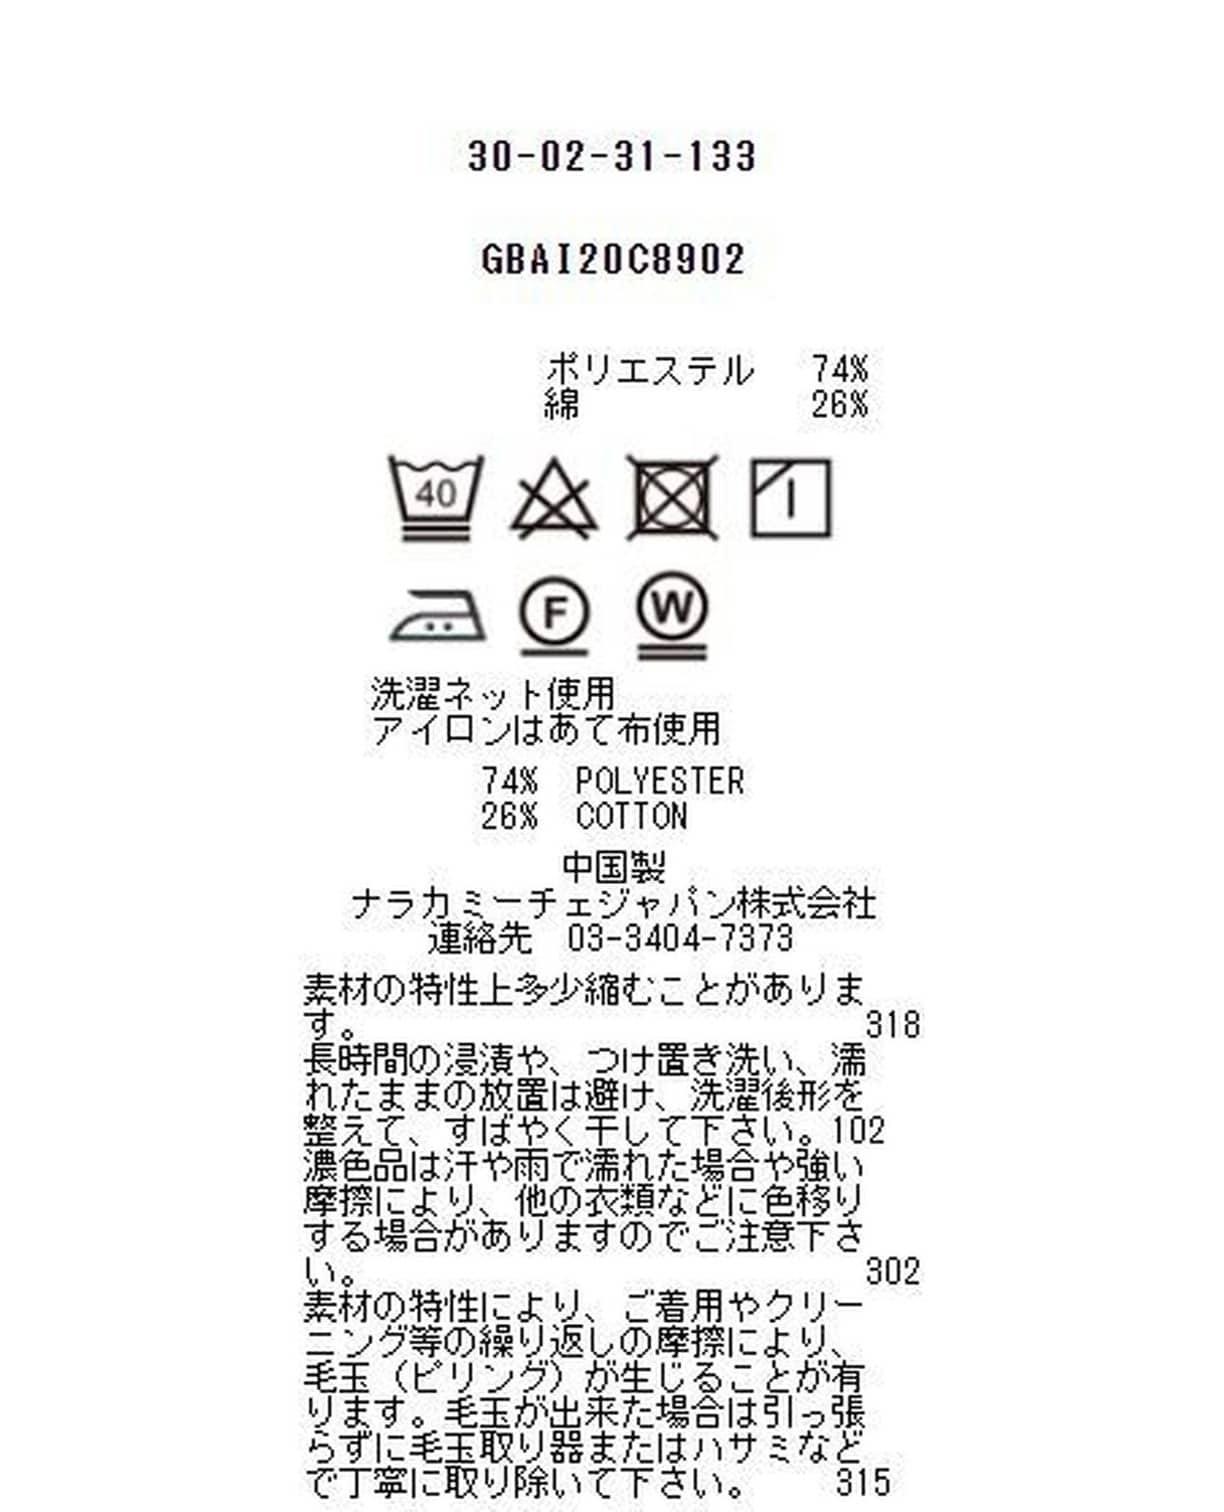 【オンライン限定】カットソーペプラムプルオーバー